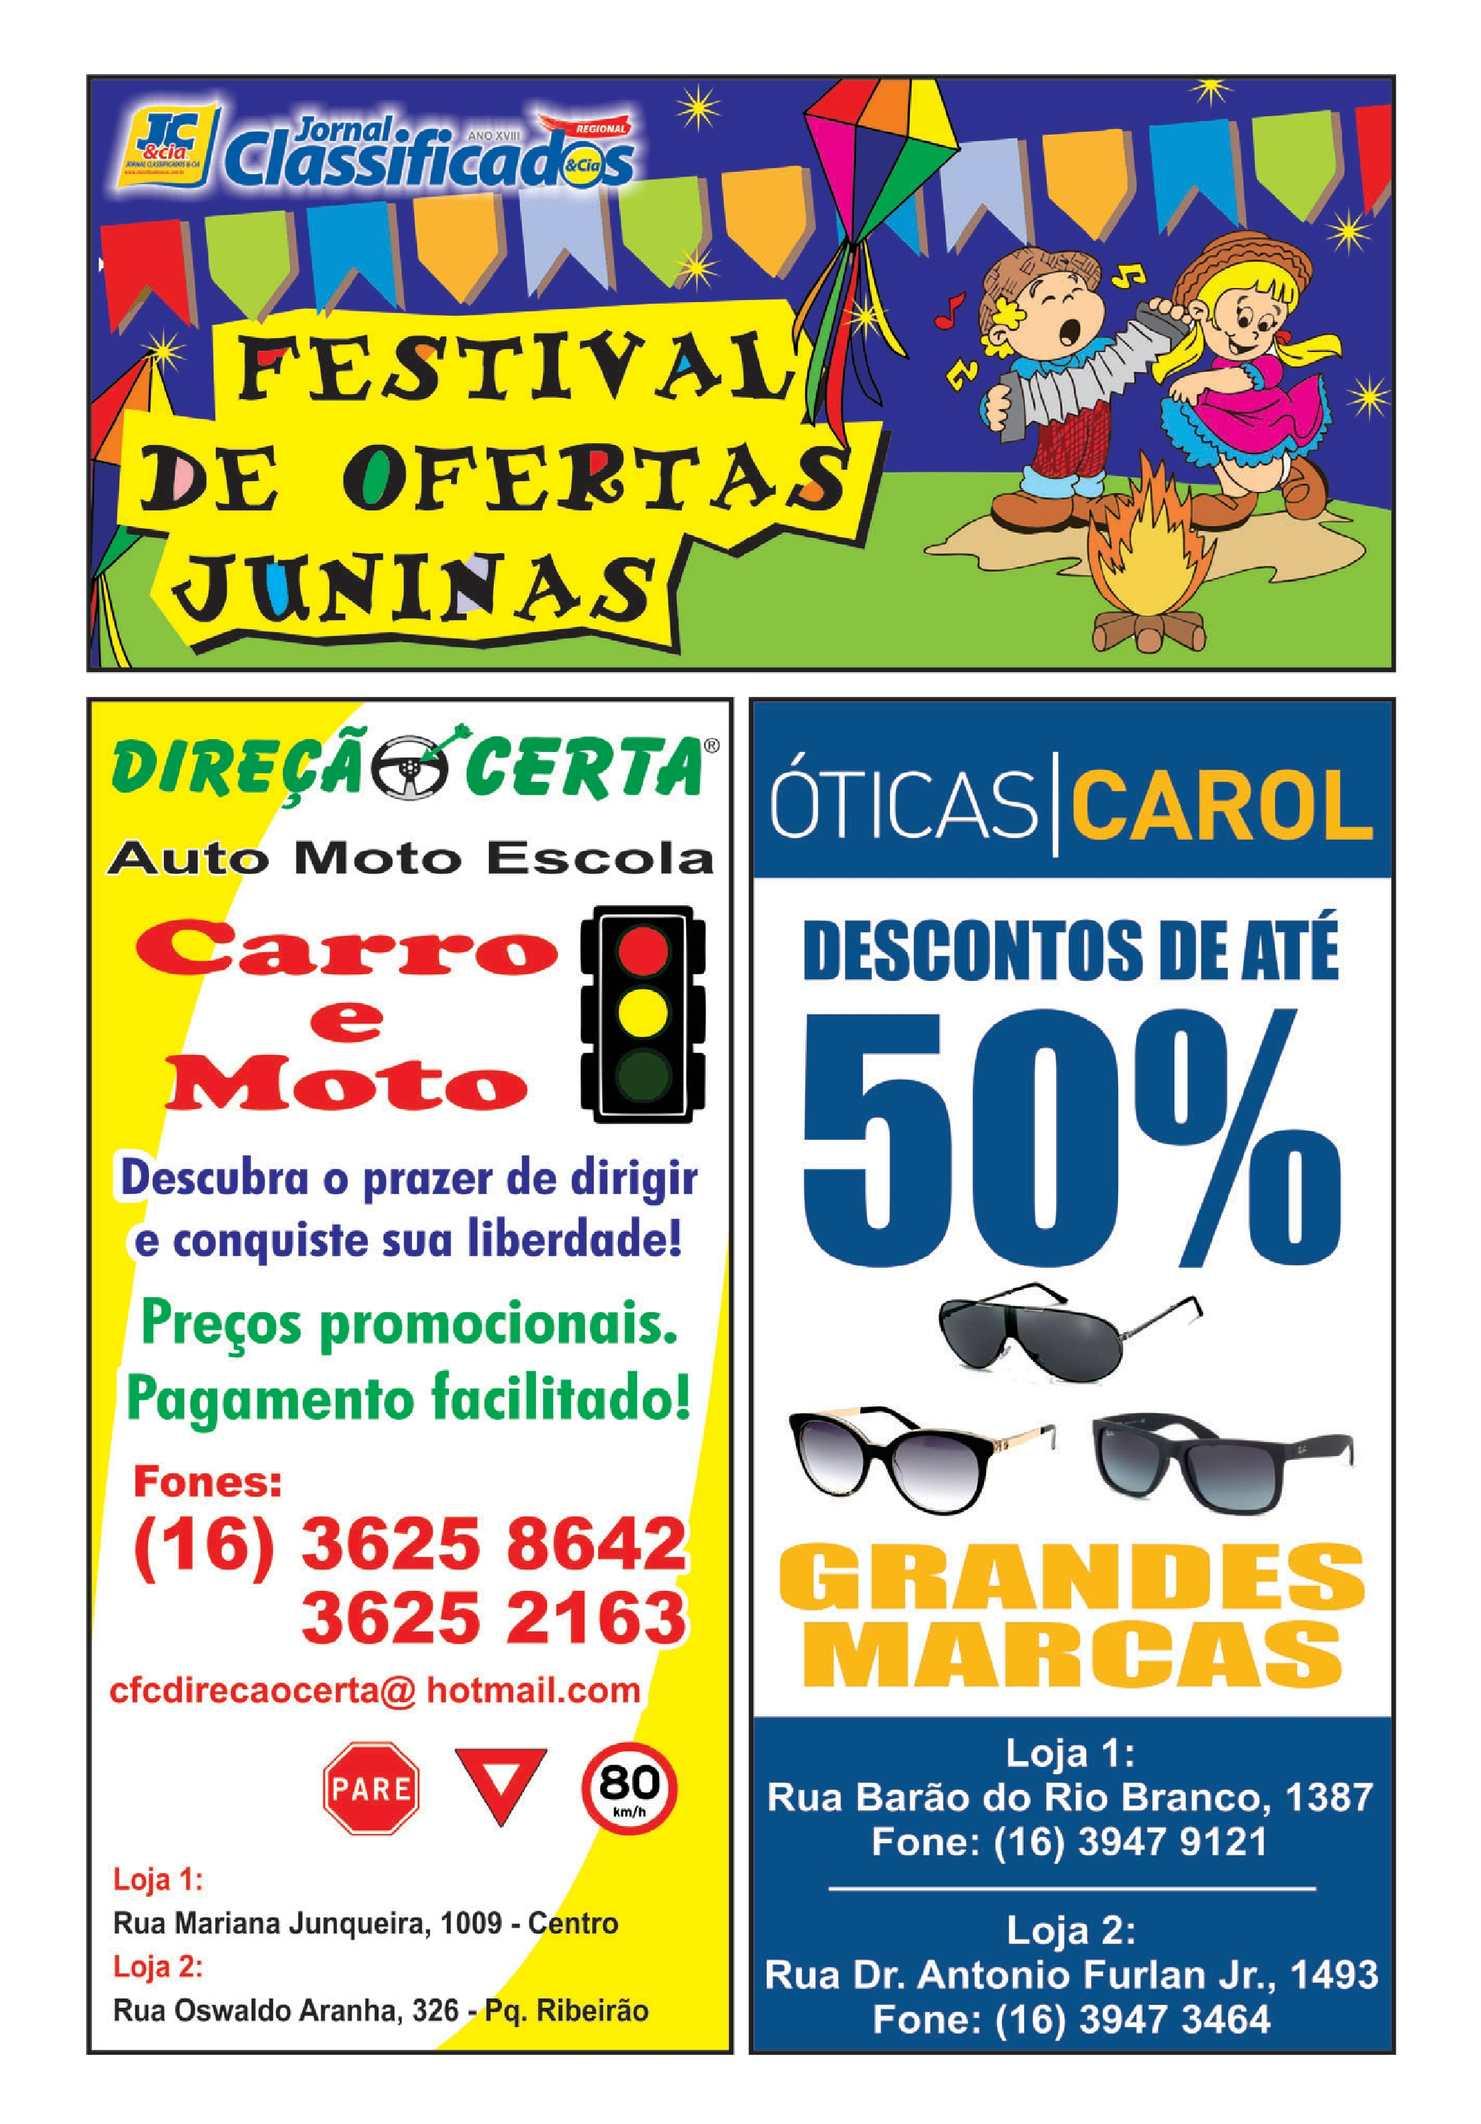 Calaméo - Regional 800 Descontão daae62bc6a